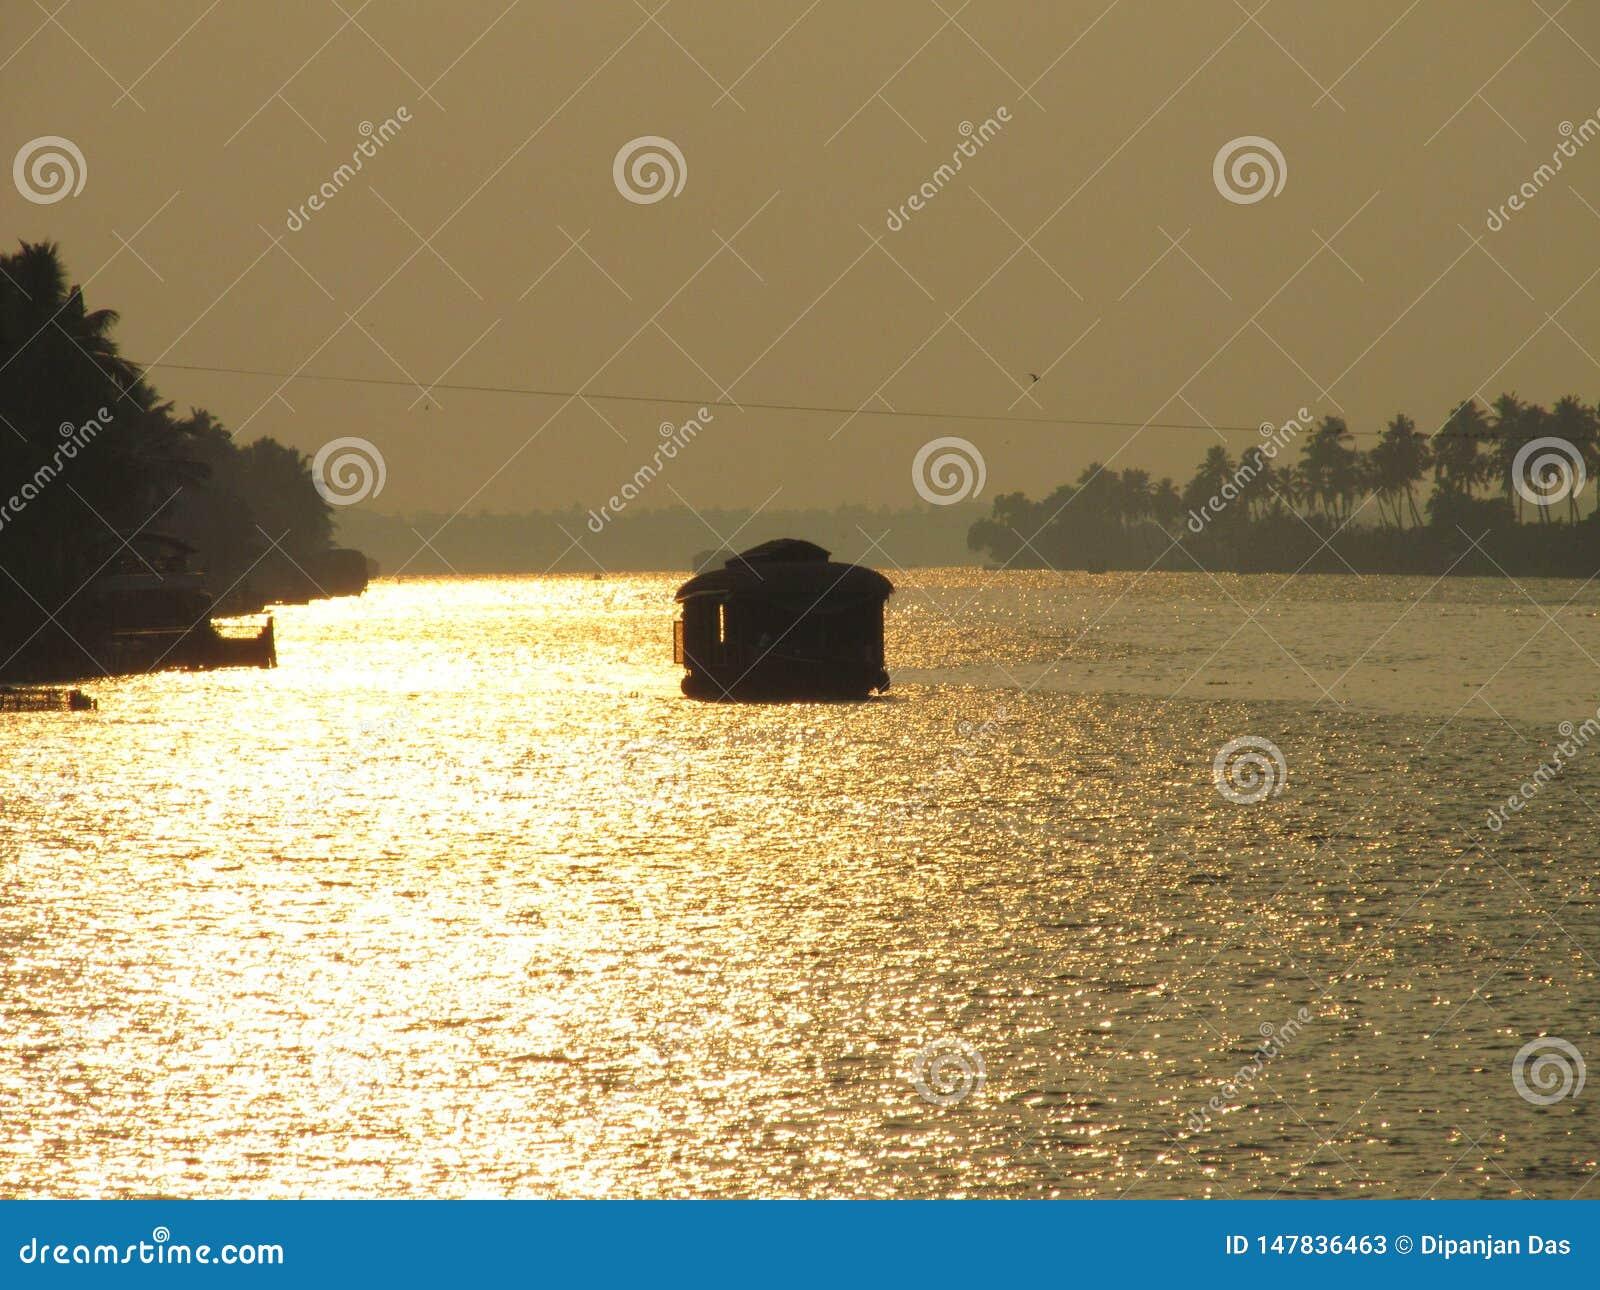 Плавание плавучего дома во время захода солнца на подпорах Alleppy, Кералы, Индии